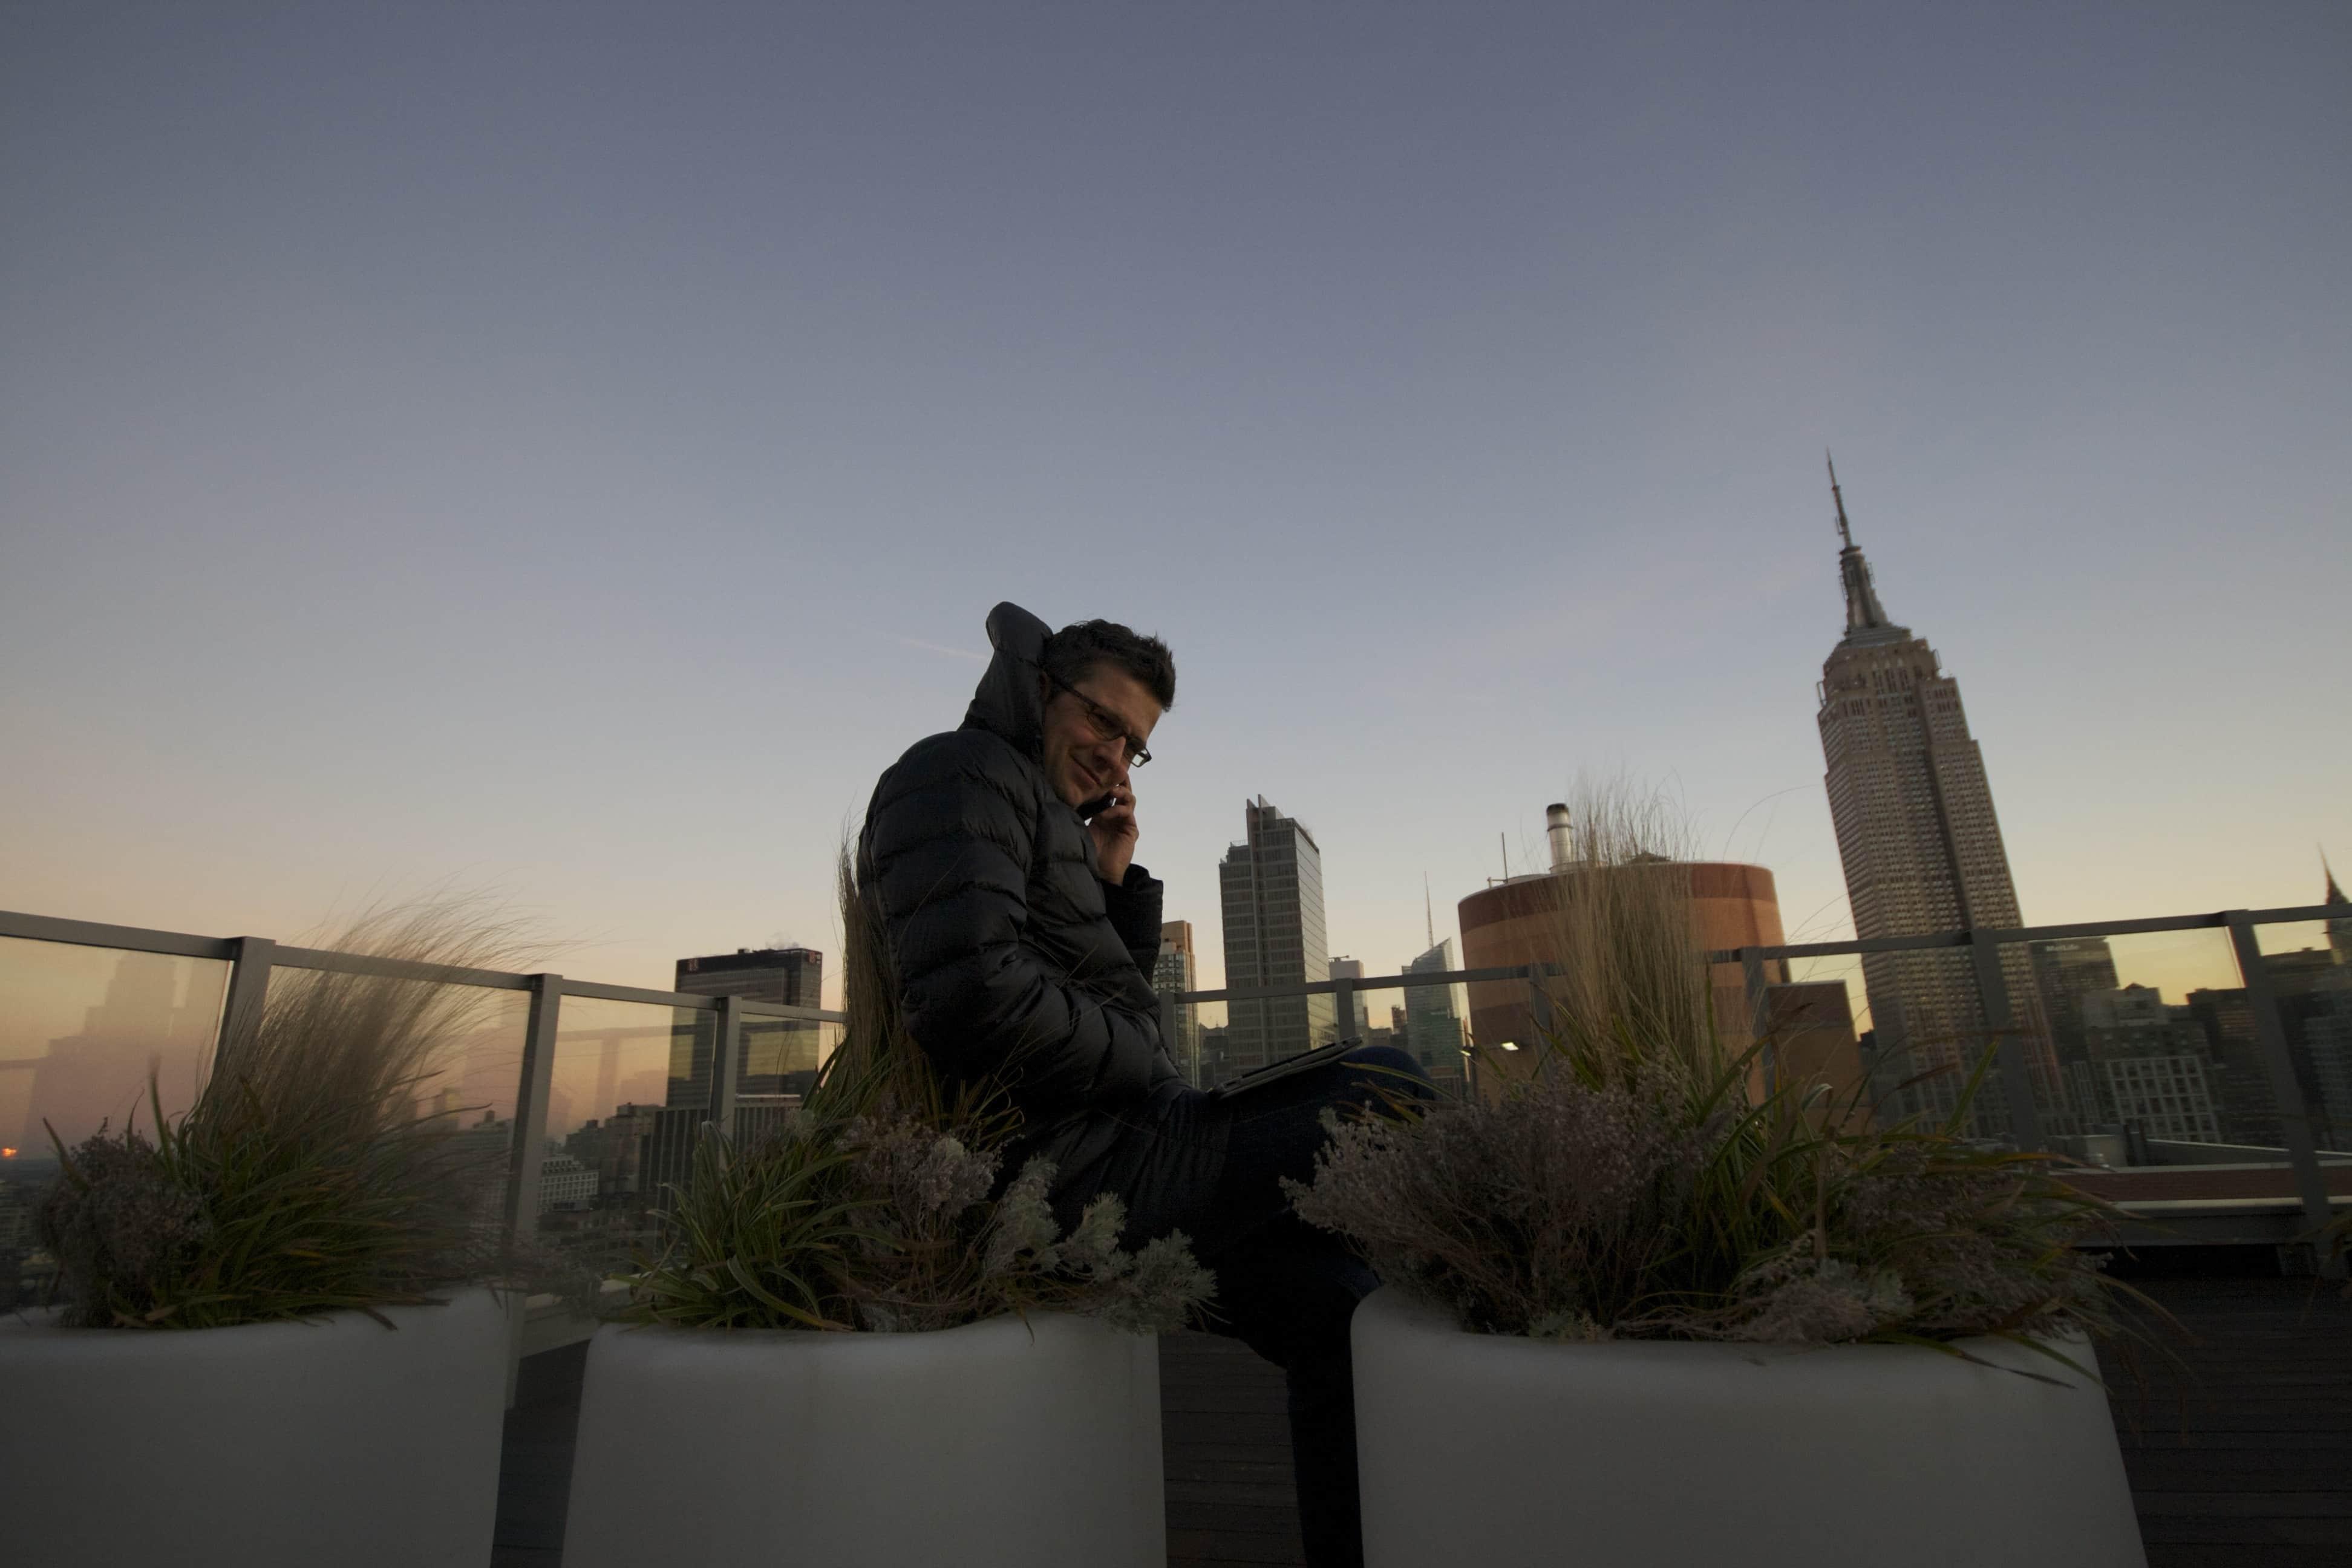 Midtown Roof-Topping. Schnell noch einen Blick auf die Rechnungsliste in der #online #Hotelsoftware. #NYC